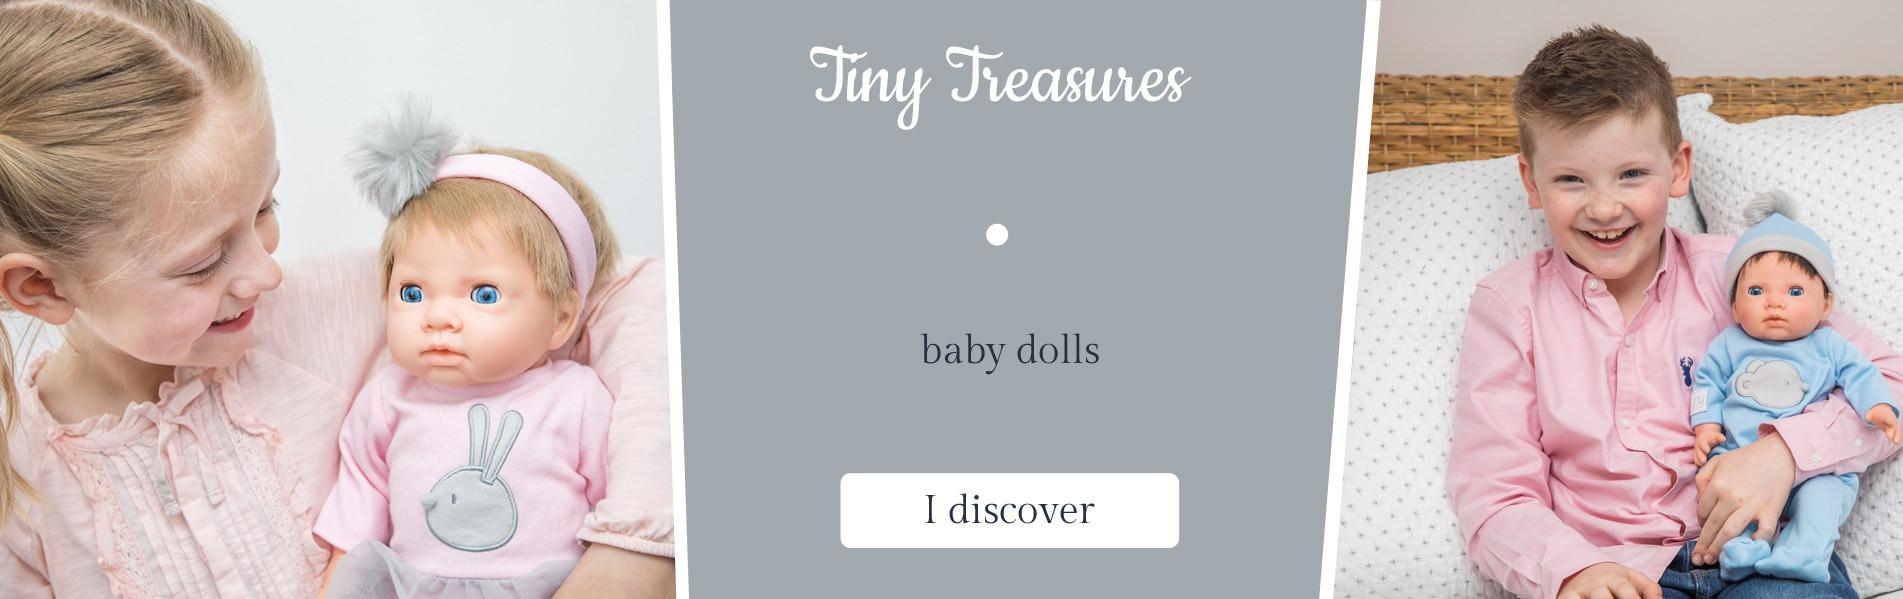 Baby dolls Tiny Treasures